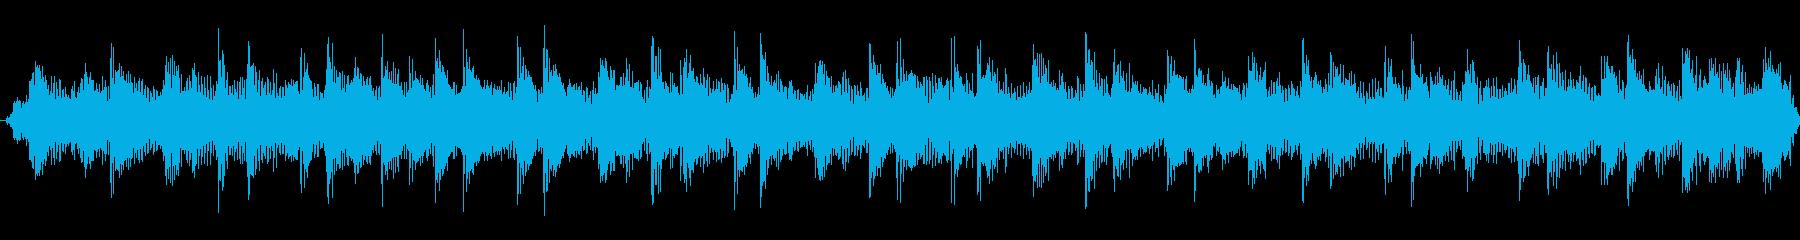 ヘヴィロック風ジングルの再生済みの波形